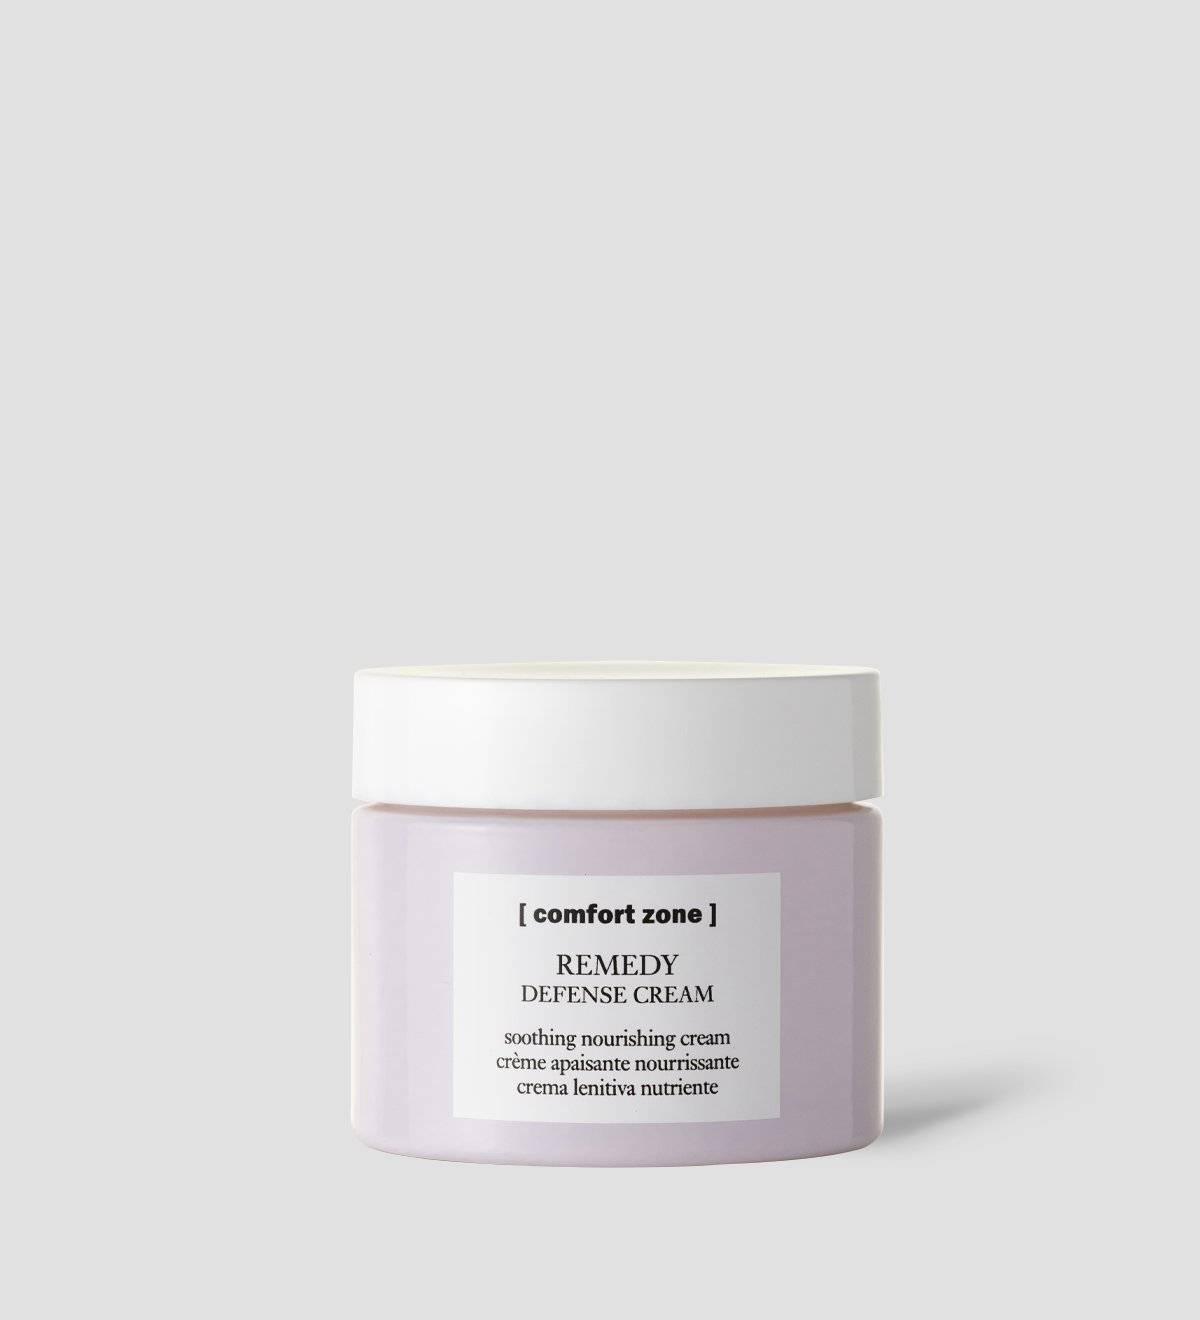 Comfort Zone Skin Care | Retail Box